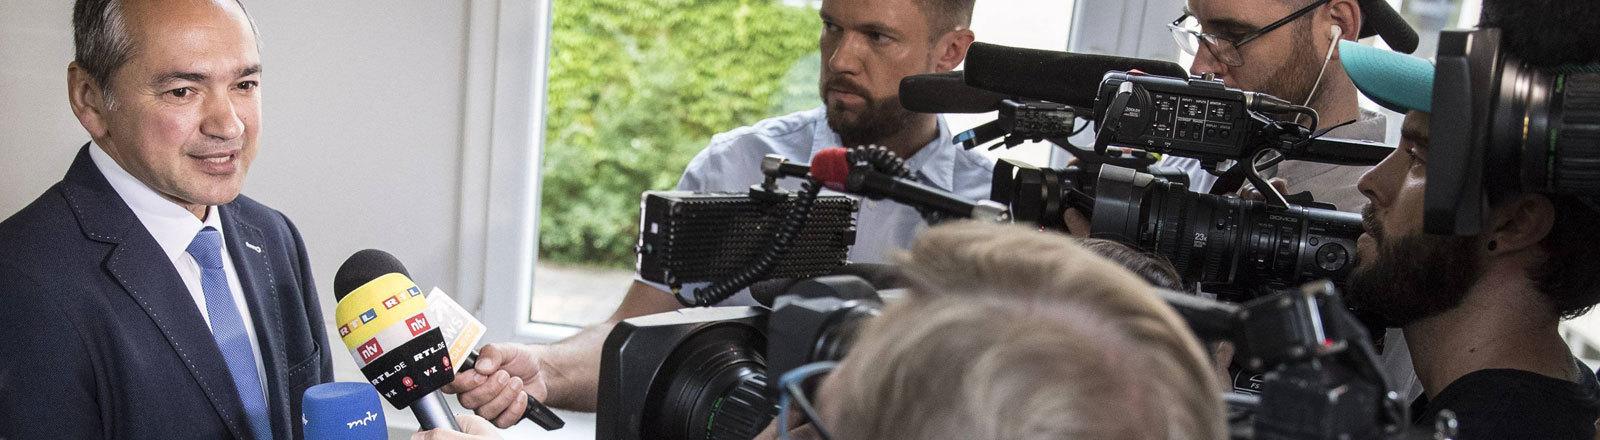 Octavian Ursu (CDU) spricht zu den Medien im Wahllokal bei der Oberbürgermeisterwahl in Görlitz, am 16.06.2019.